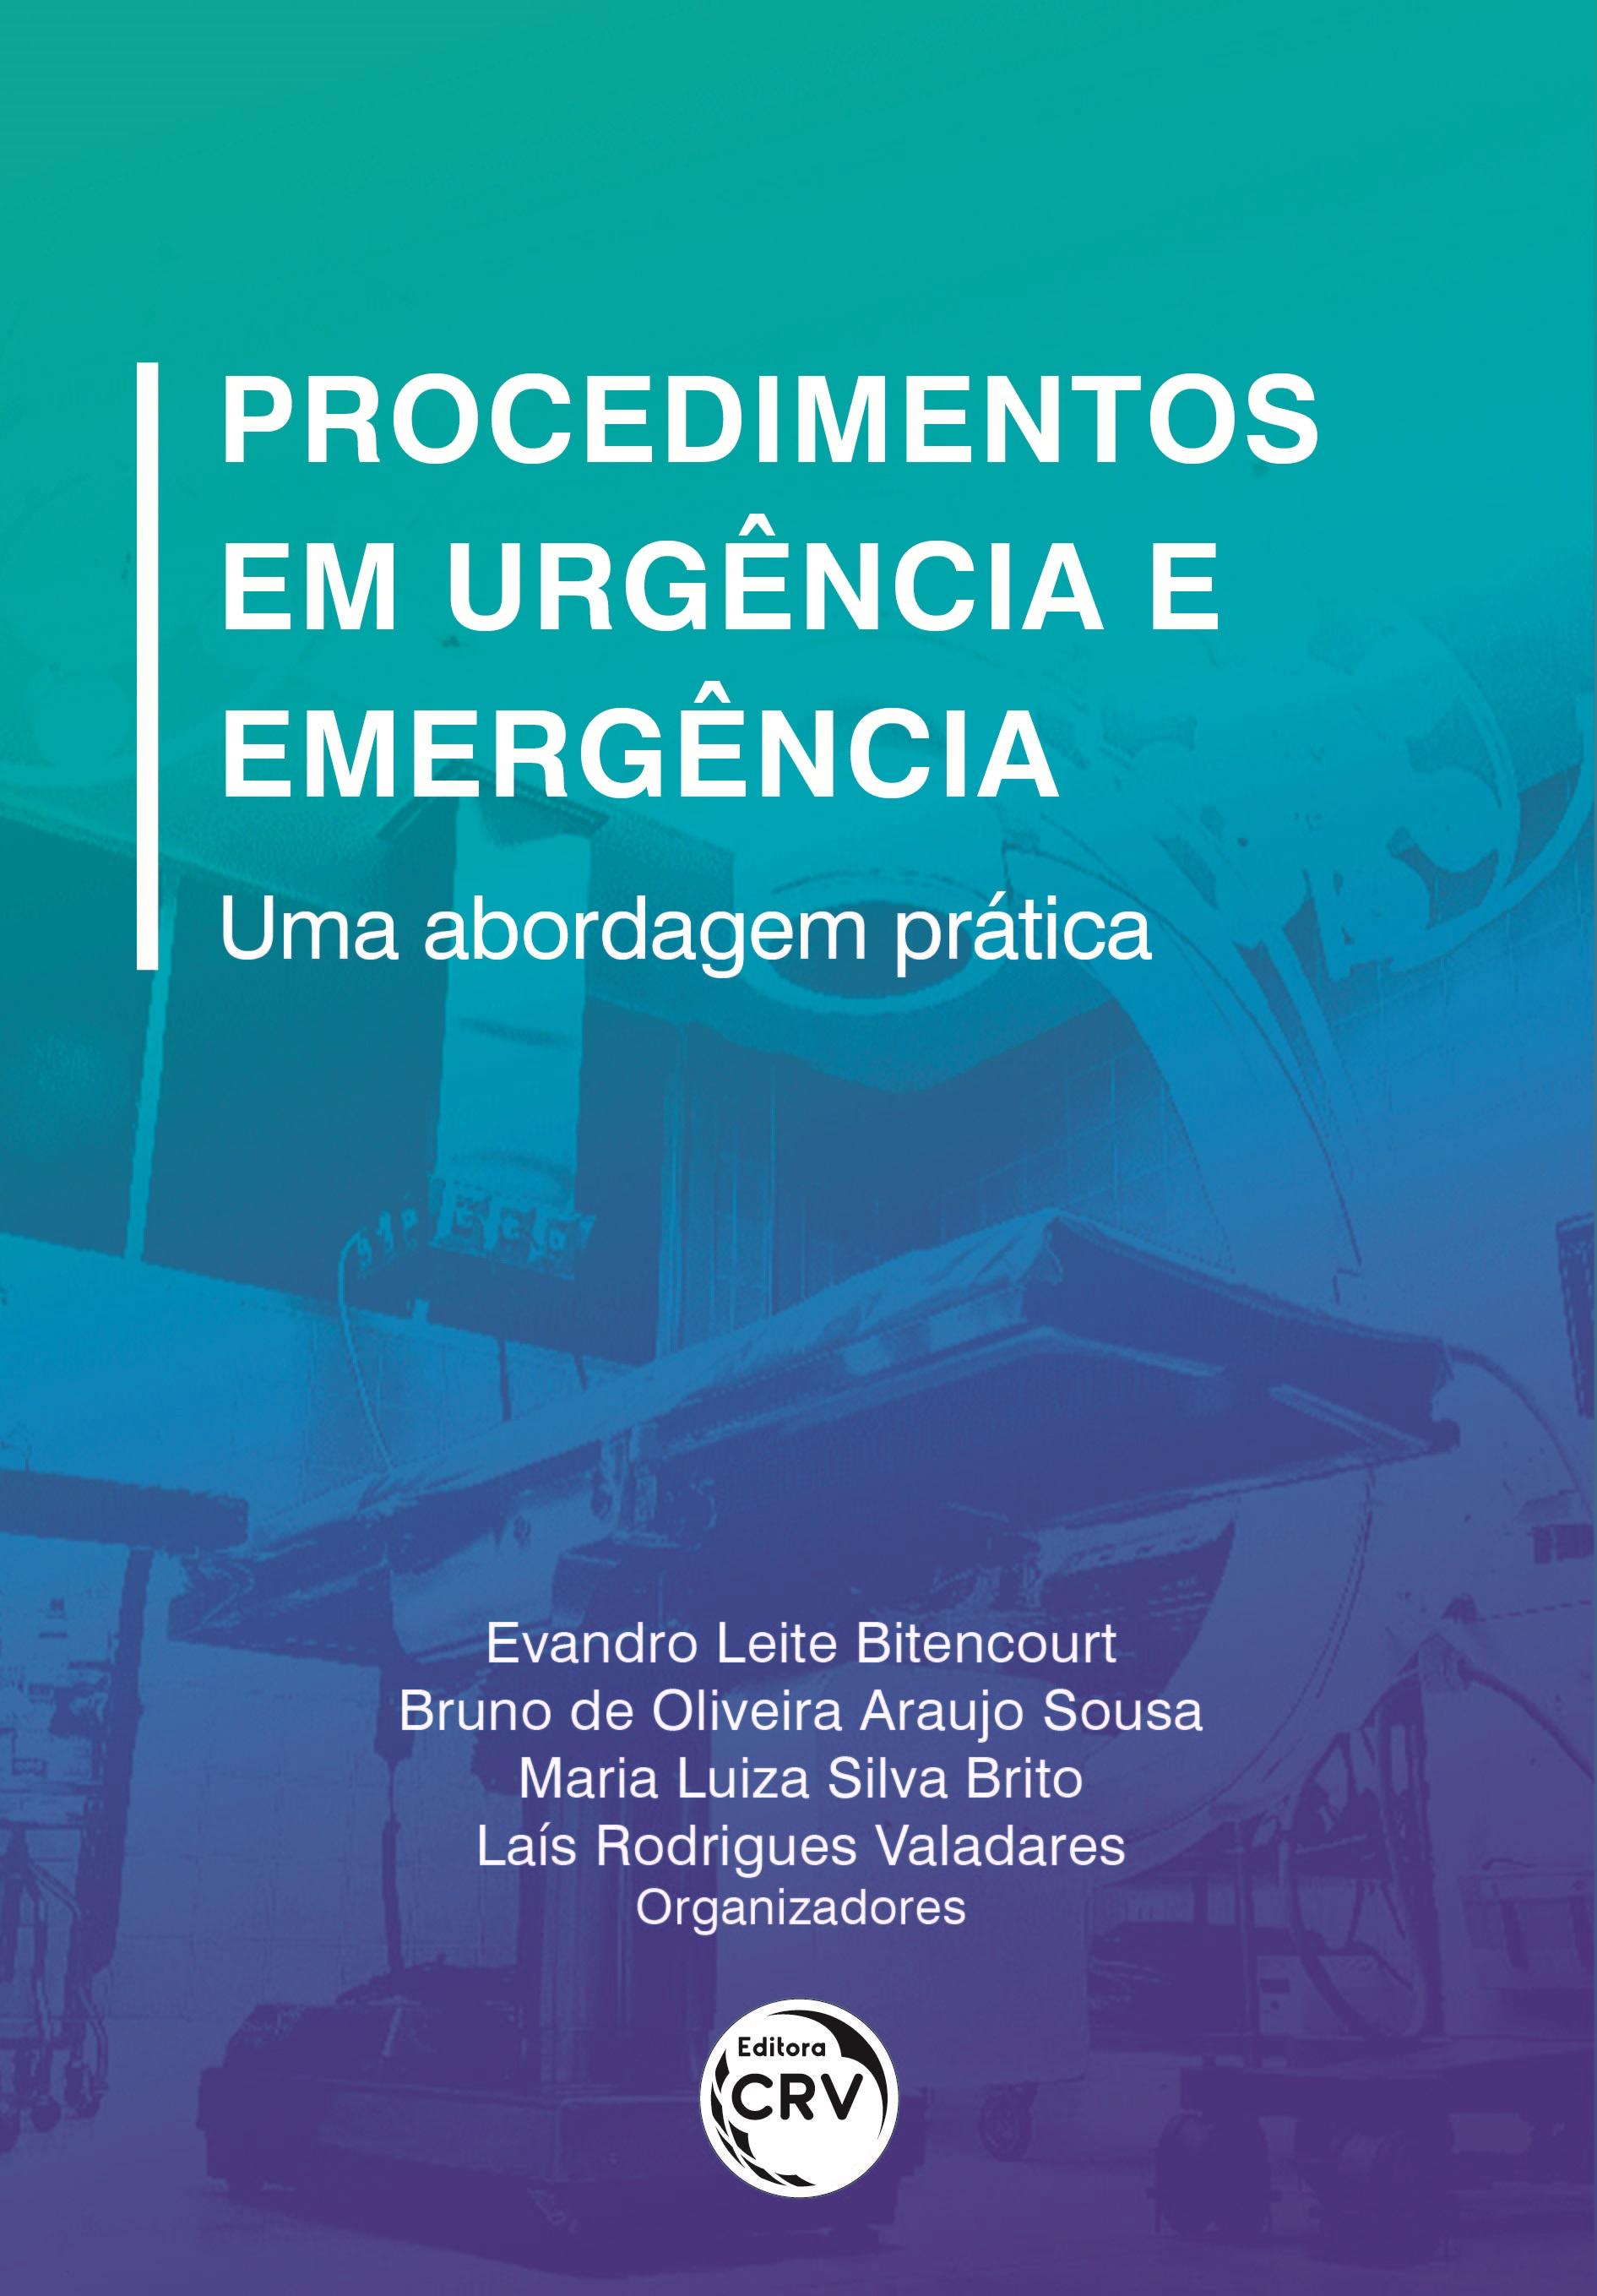 Capa do livro: PROCEDIMENTOS DE URGÊNCIA E EMERGÊNCIA:<br> uma abordagem prática